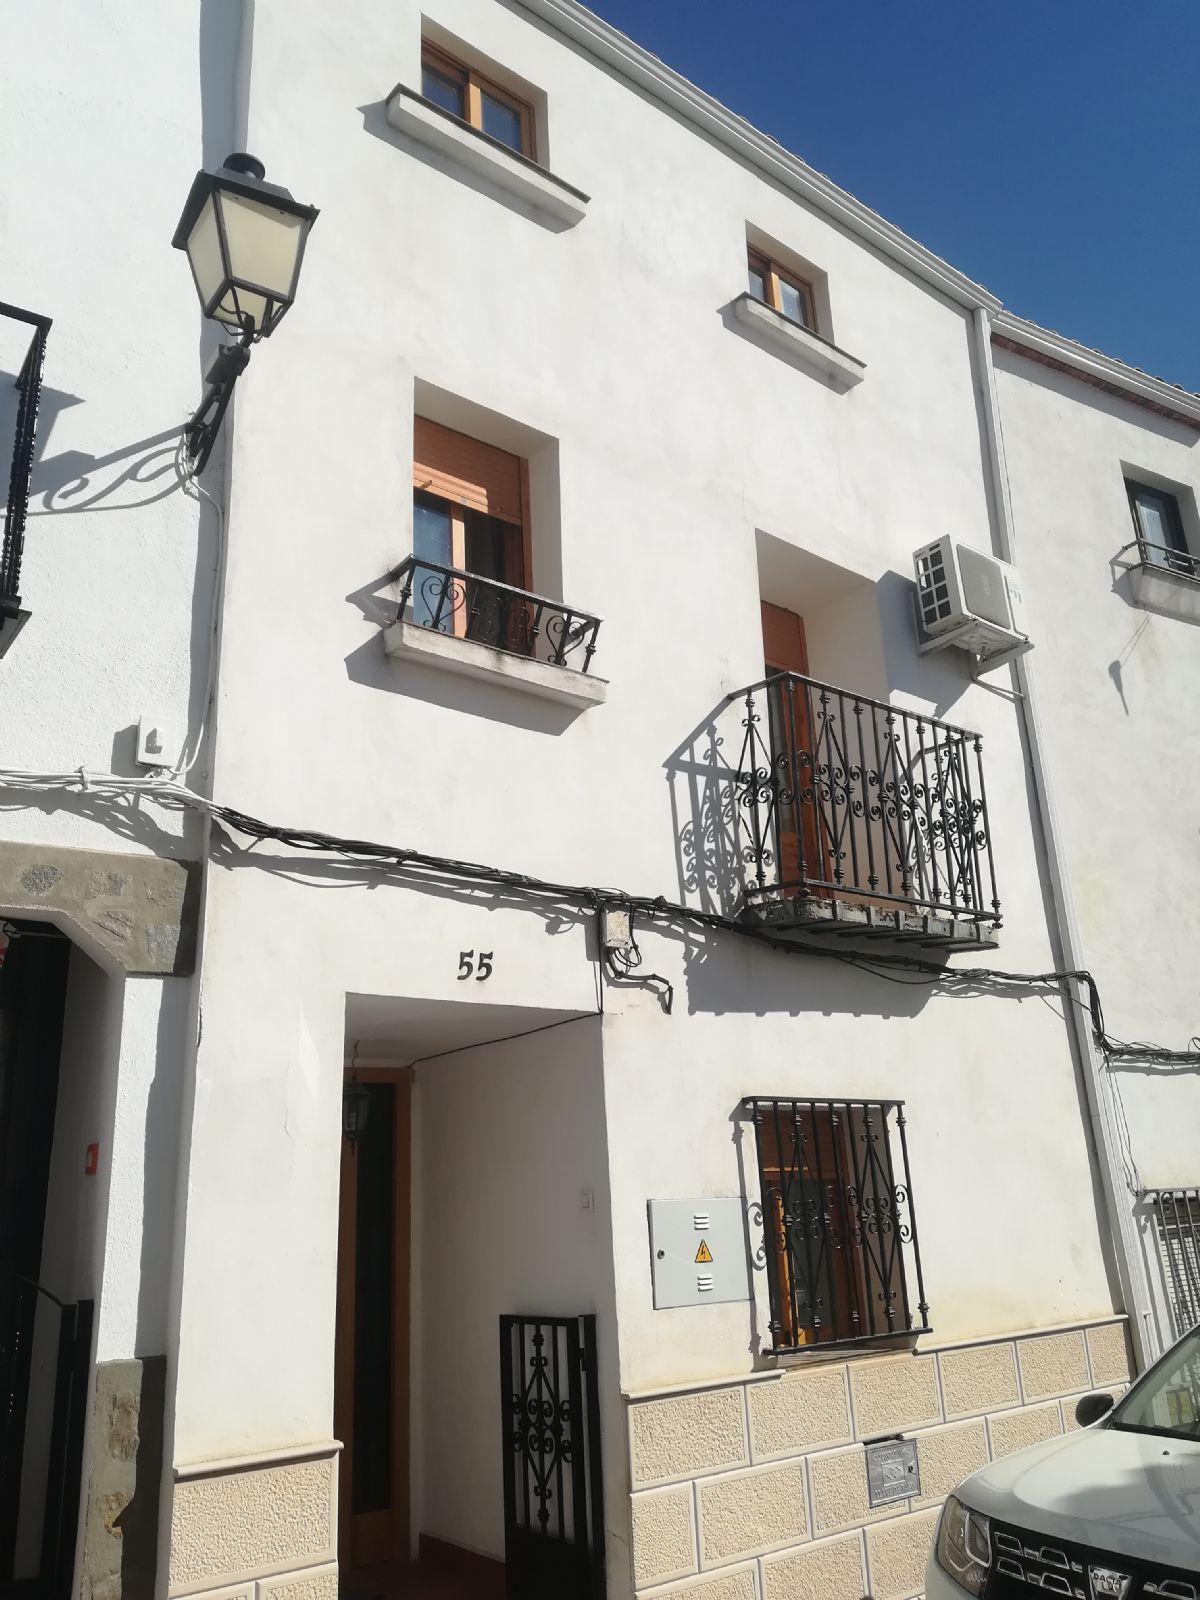 Casa en venta en Martos, Jaén, Calle los Cojos, 60.000 €, 3 habitaciones, 1 baño, 100 m2